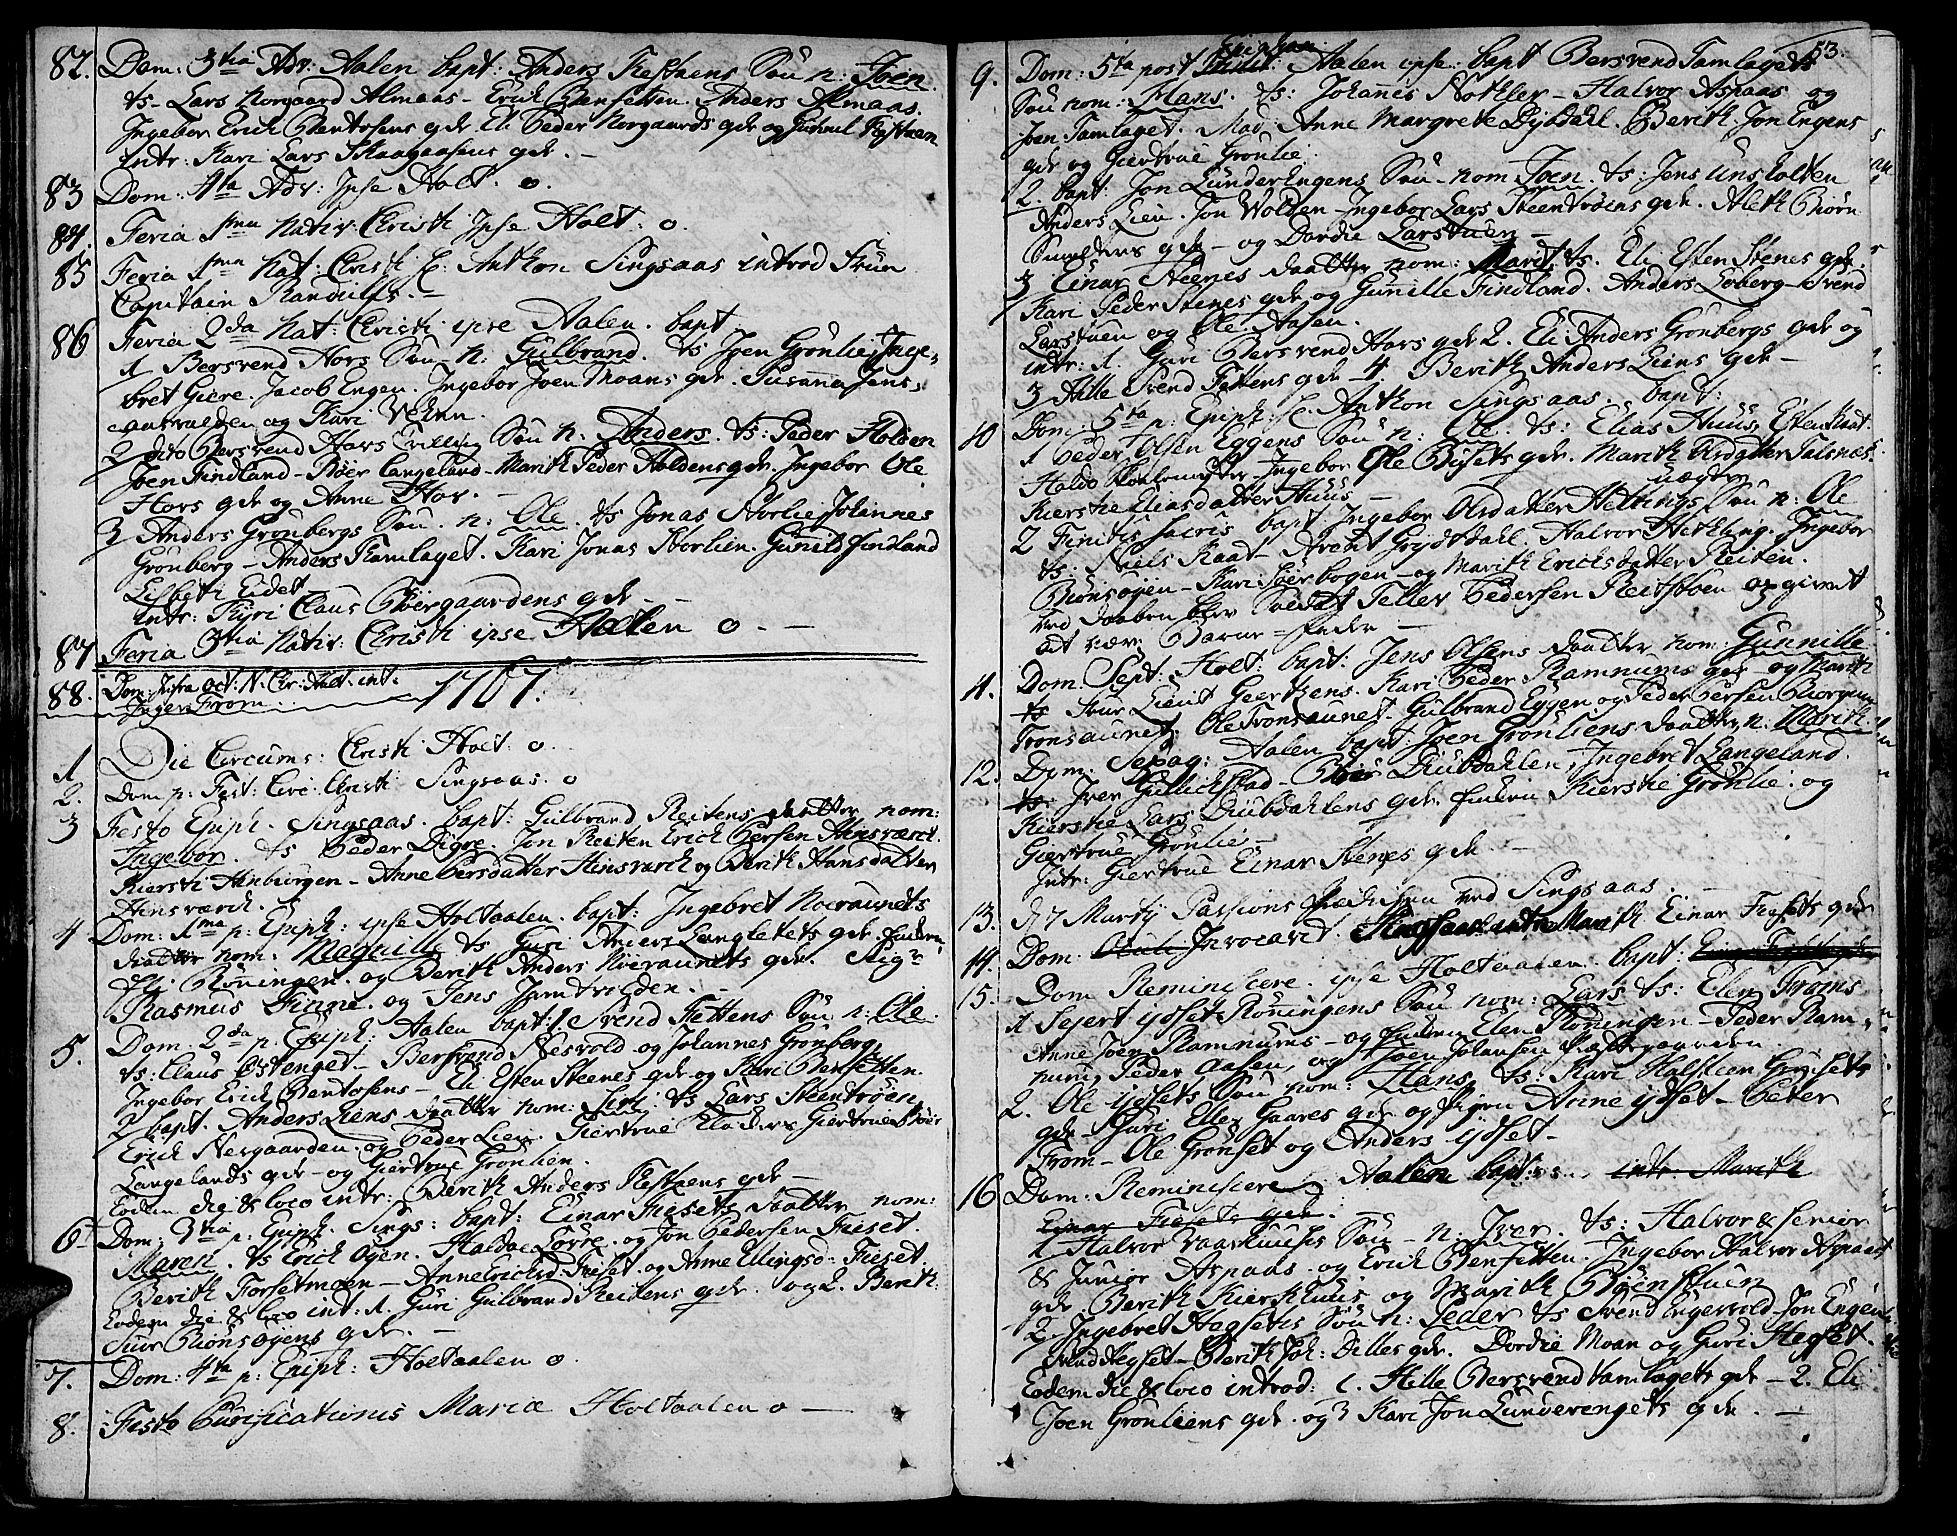 SAT, Ministerialprotokoller, klokkerbøker og fødselsregistre - Sør-Trøndelag, 685/L0952: Ministerialbok nr. 685A01, 1745-1804, s. 53